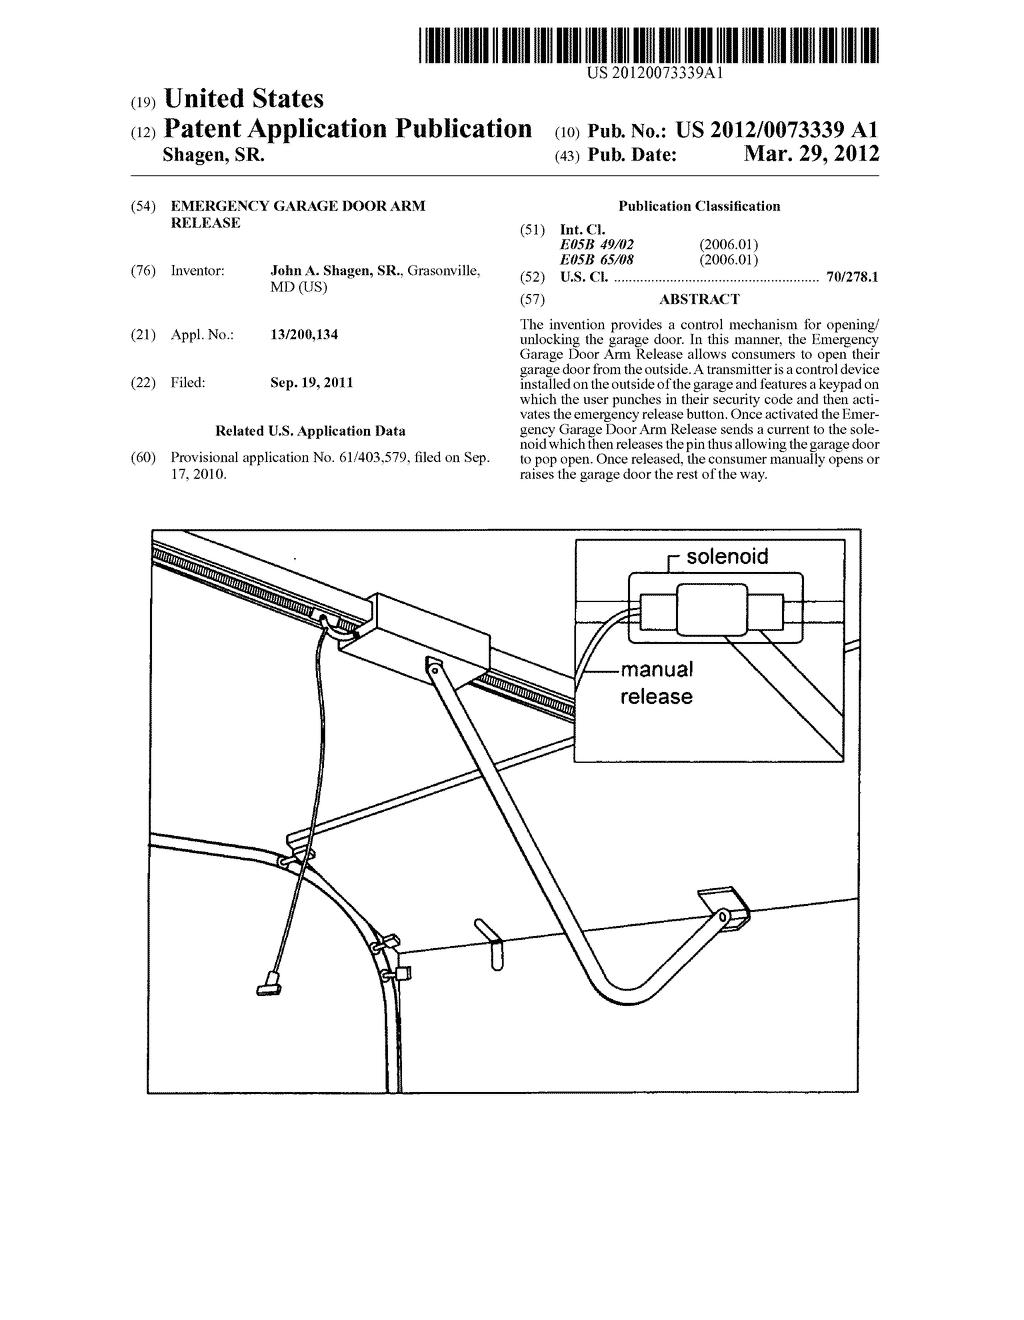 Emergency Garage Door Arm Release   Diagram, Schematic, And Image 01